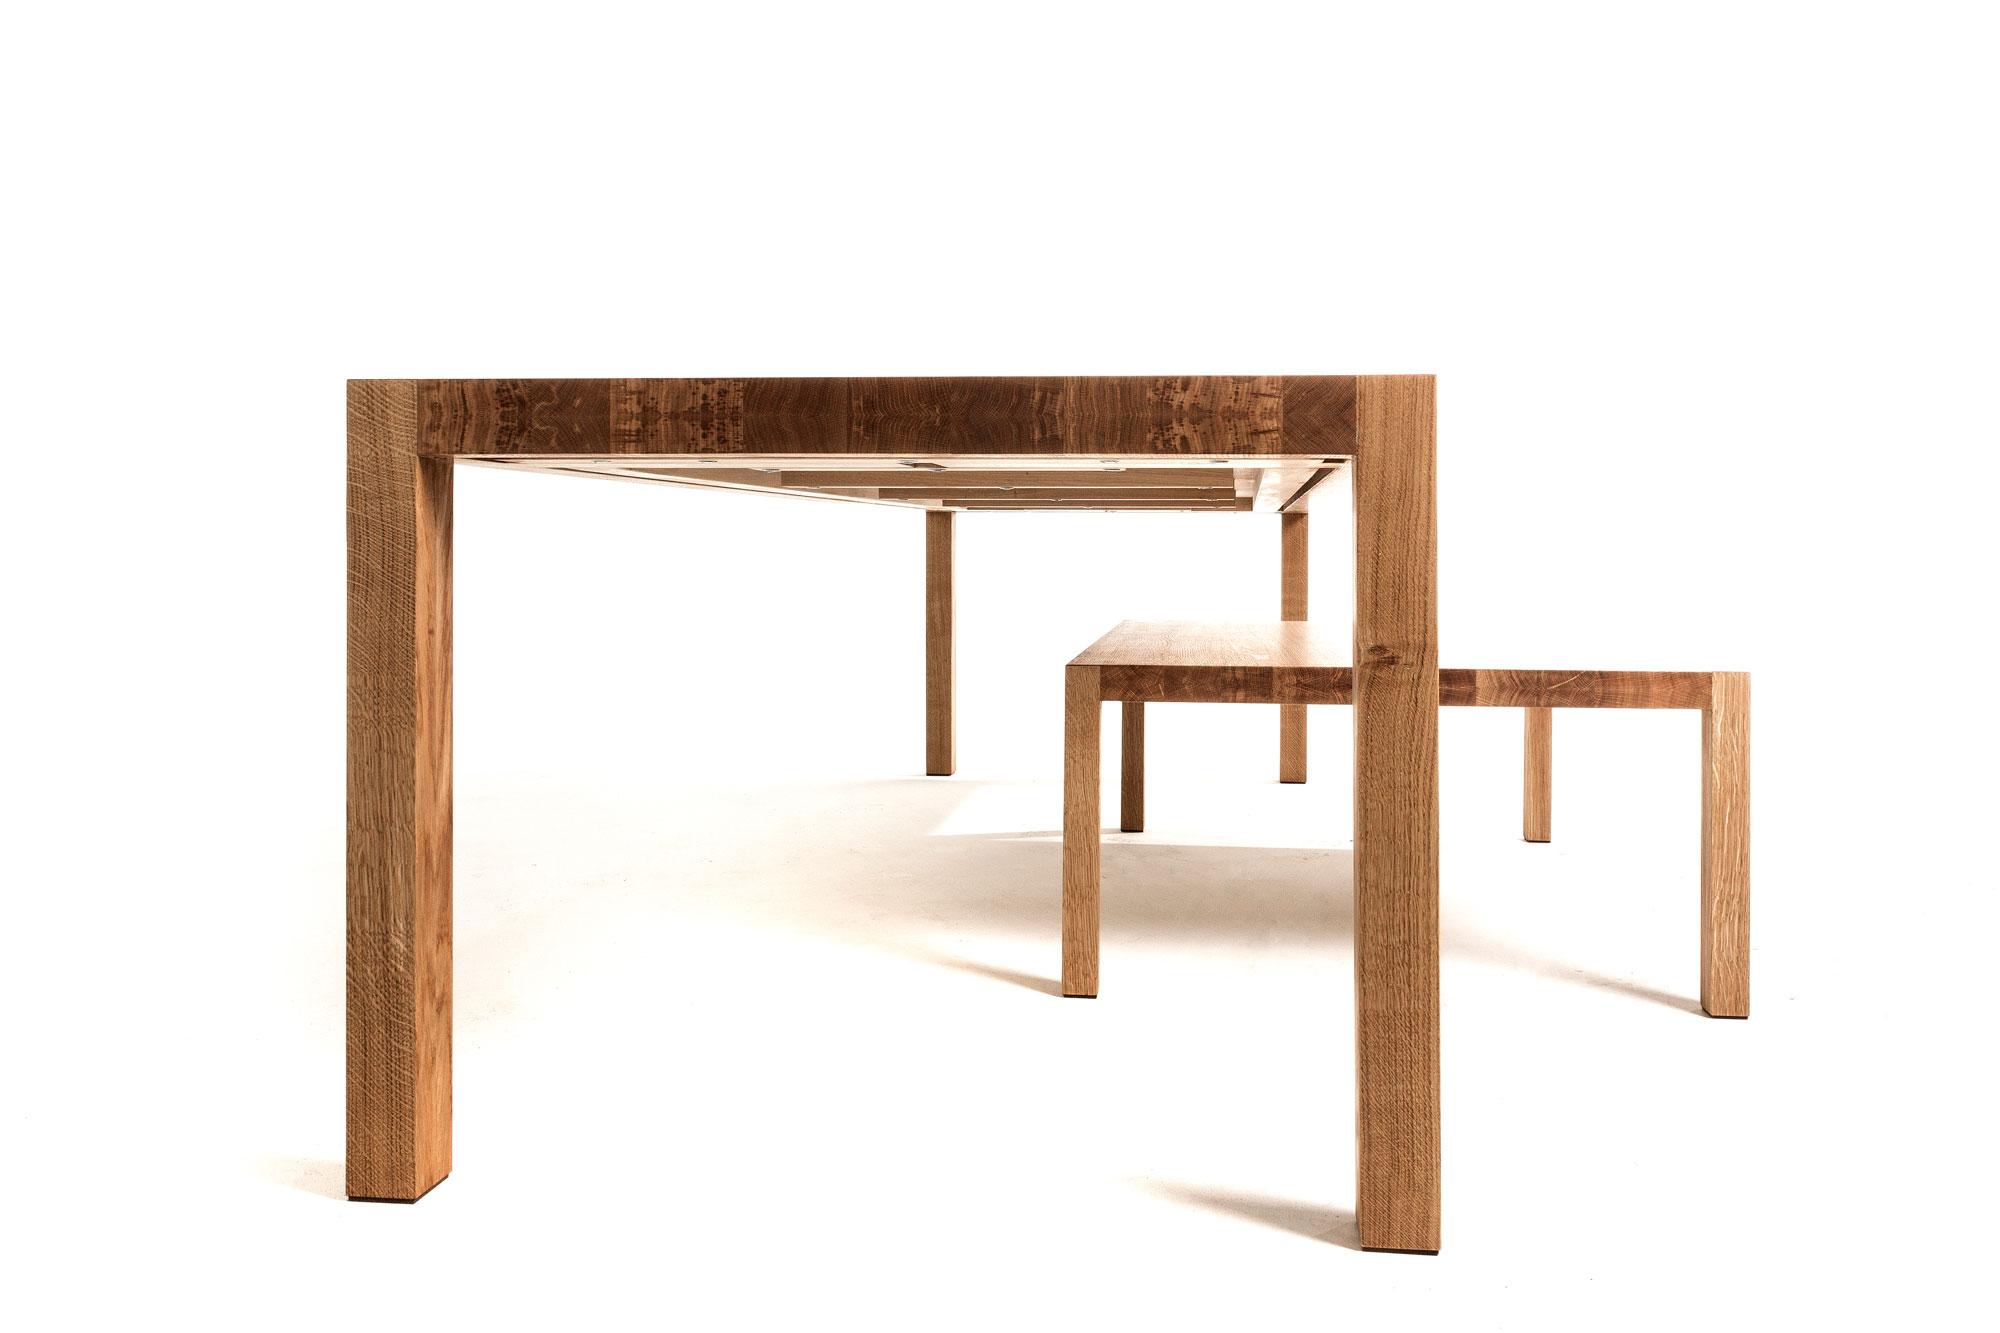 Eiken Tafels op Maat Gemaakt Eiken-tafel-op-maat